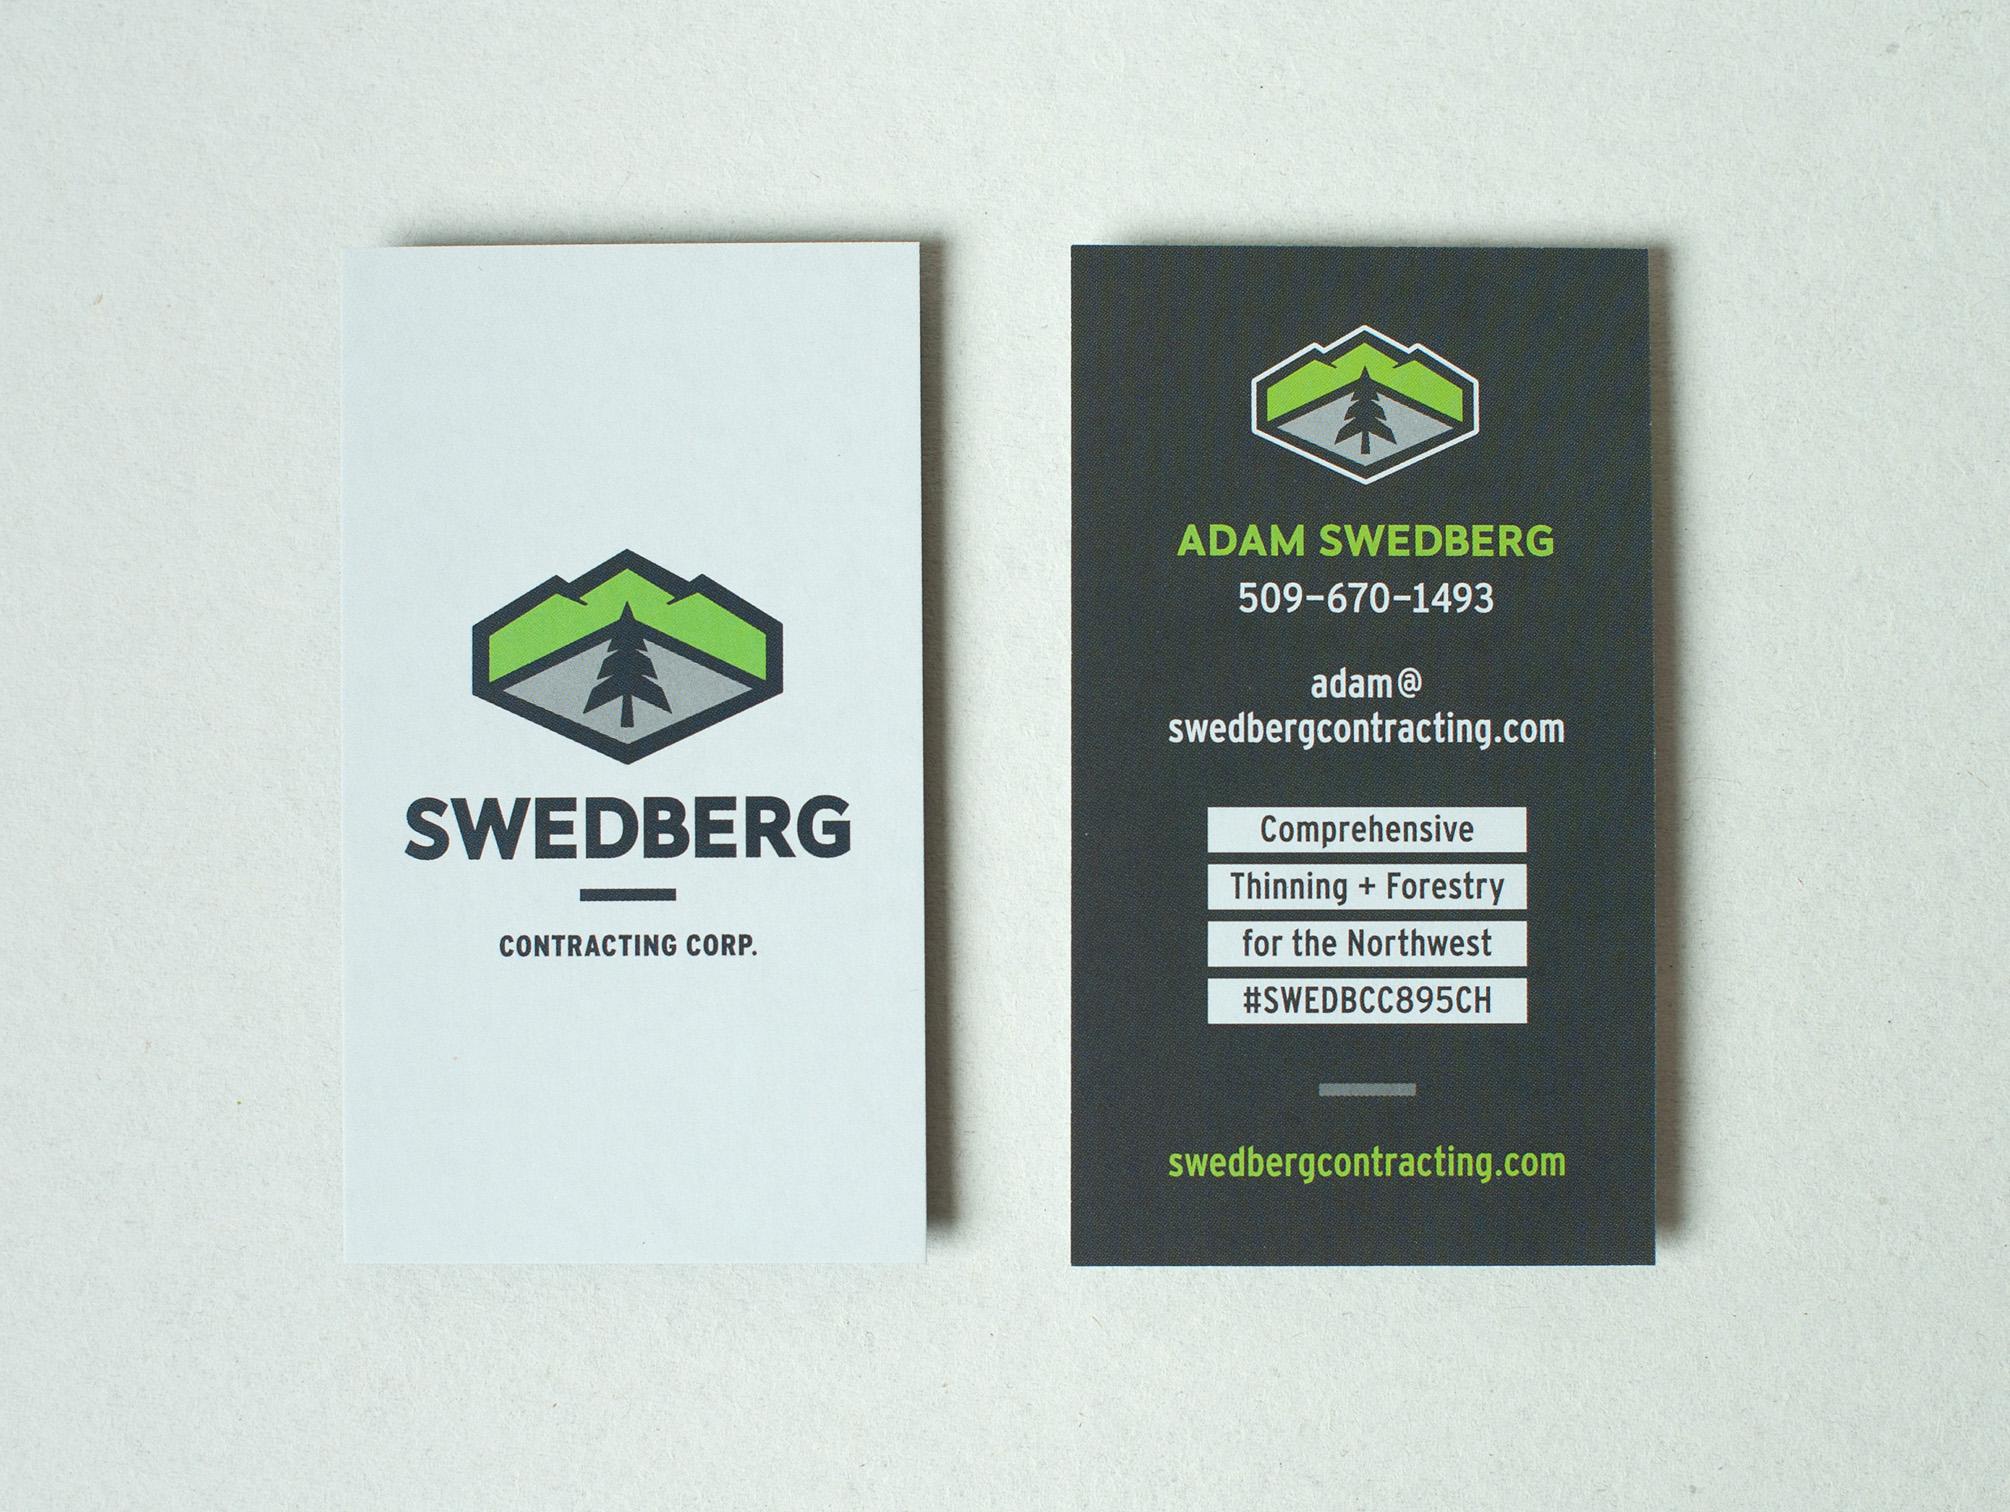 Swedberg3.jpg